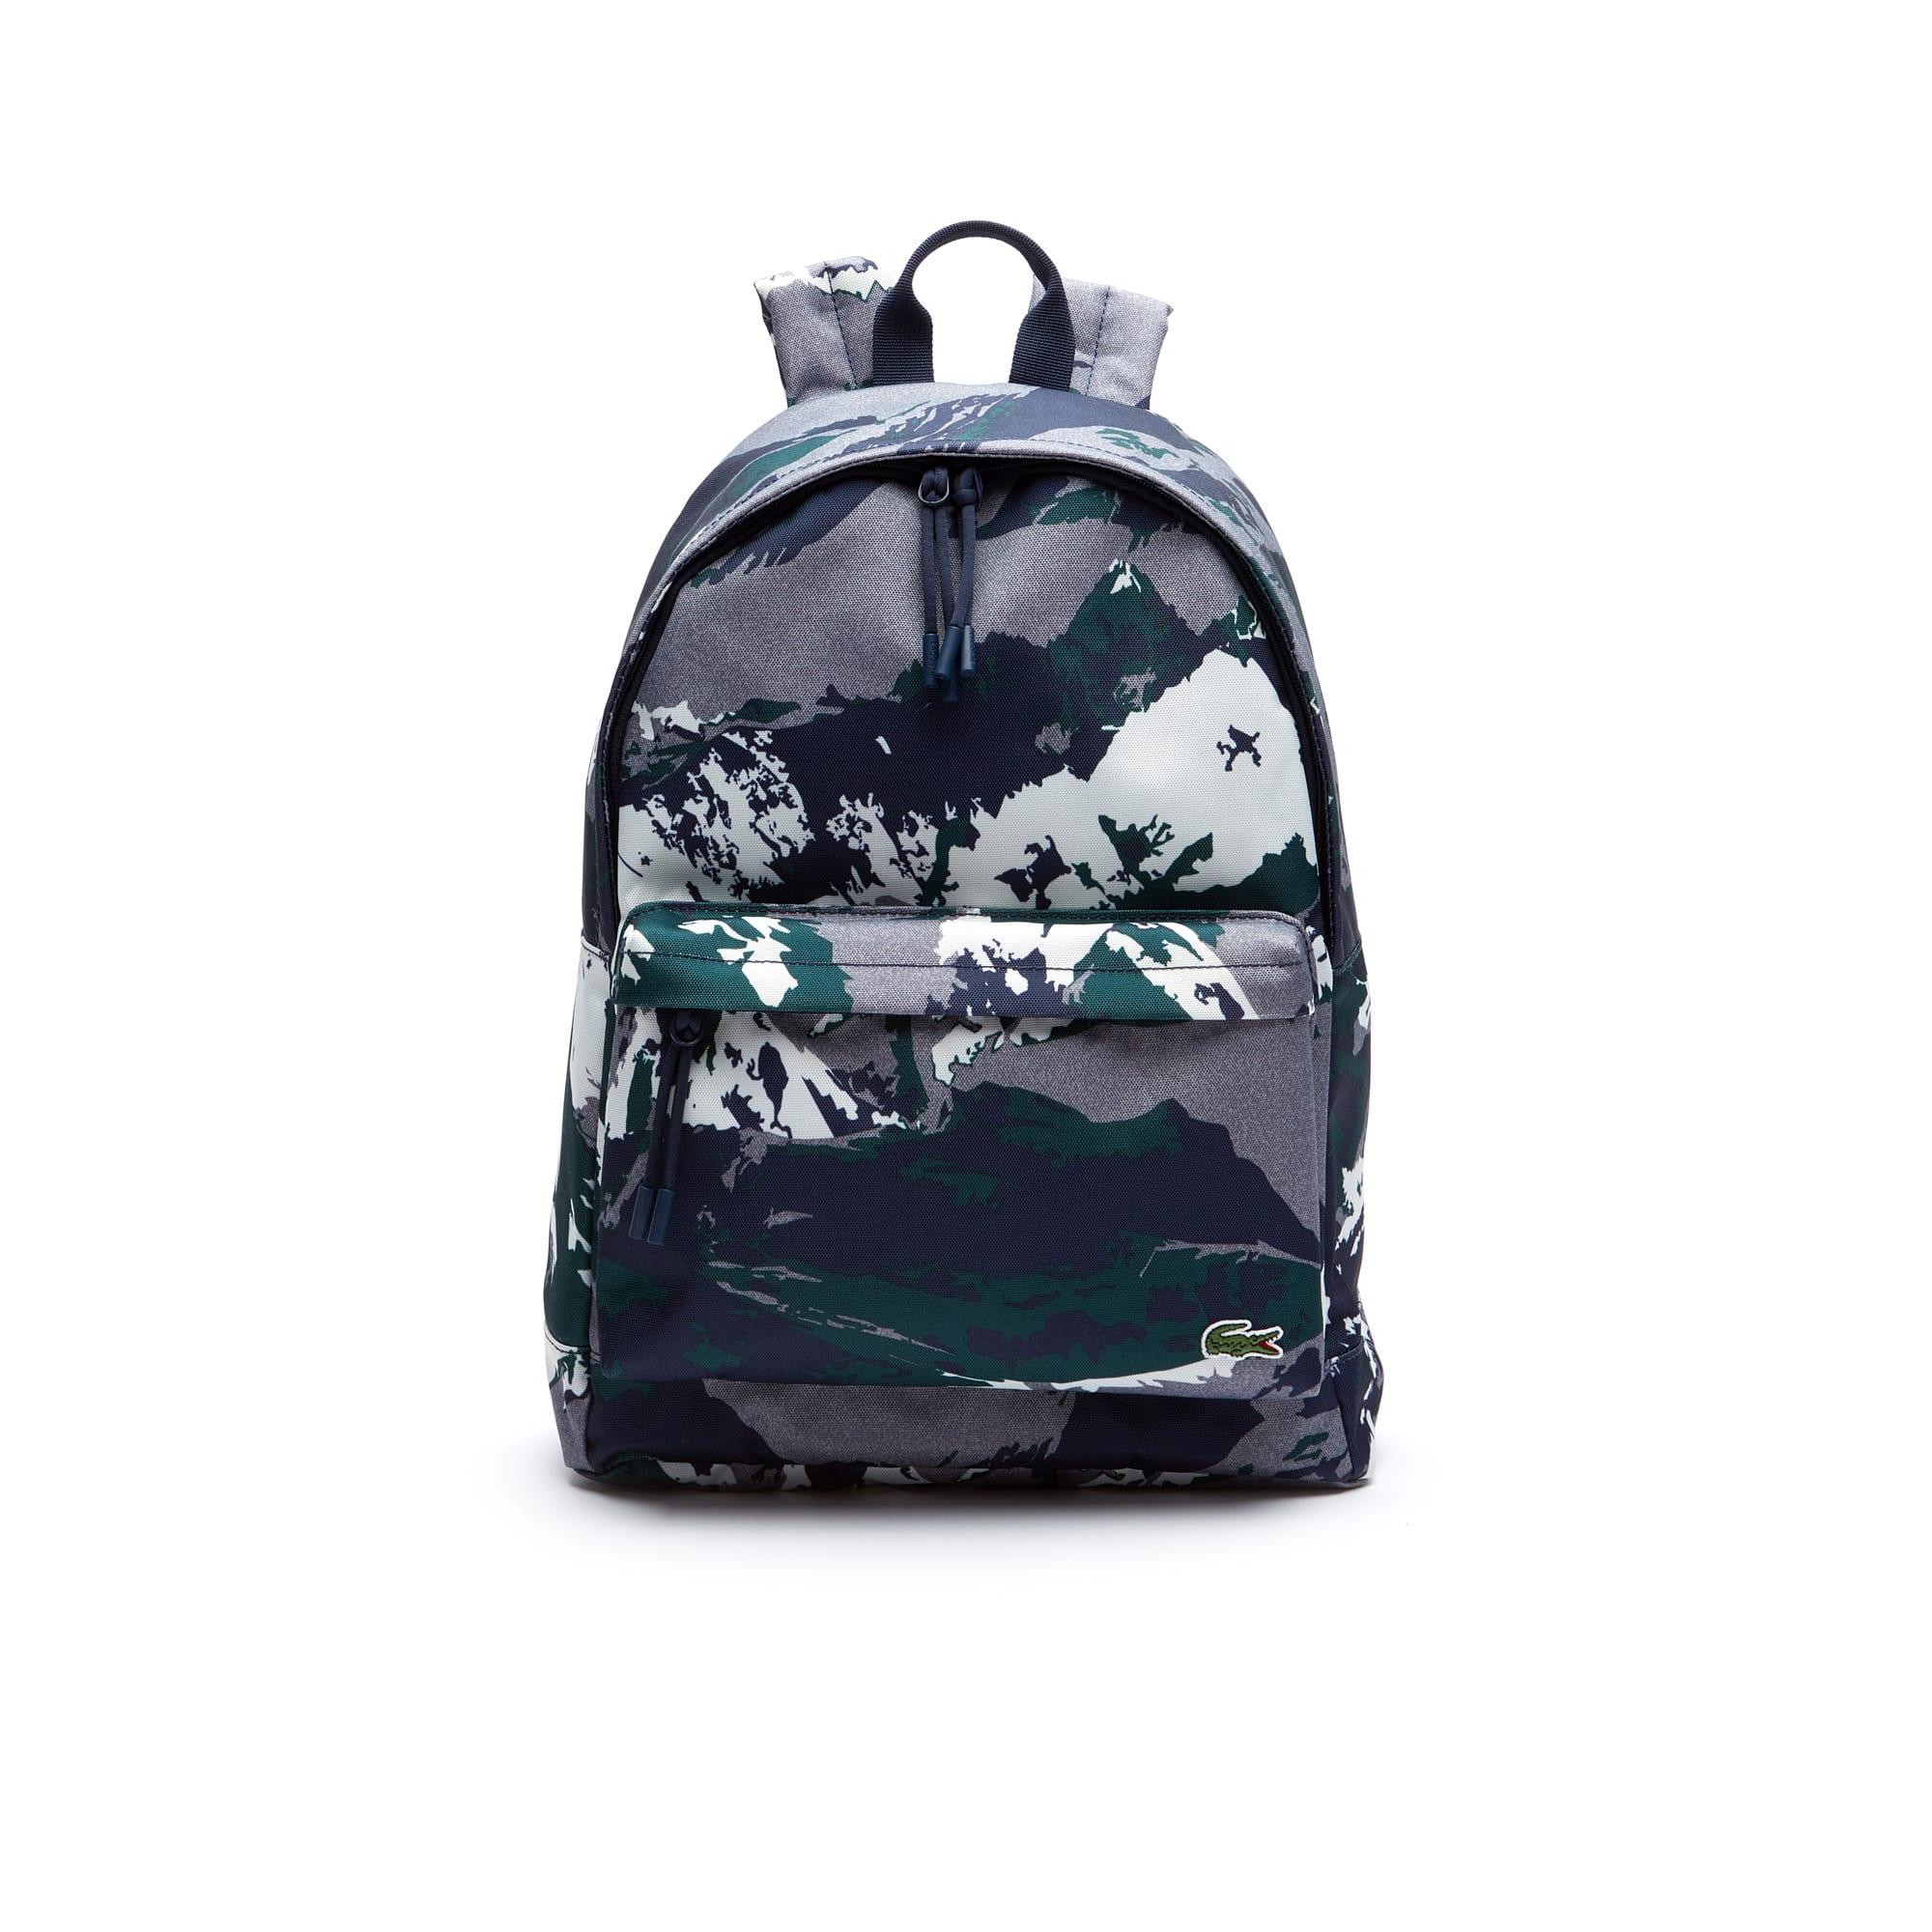 Lacoste - Herren NÉOCROC rucksack mit alpinem Print - 2